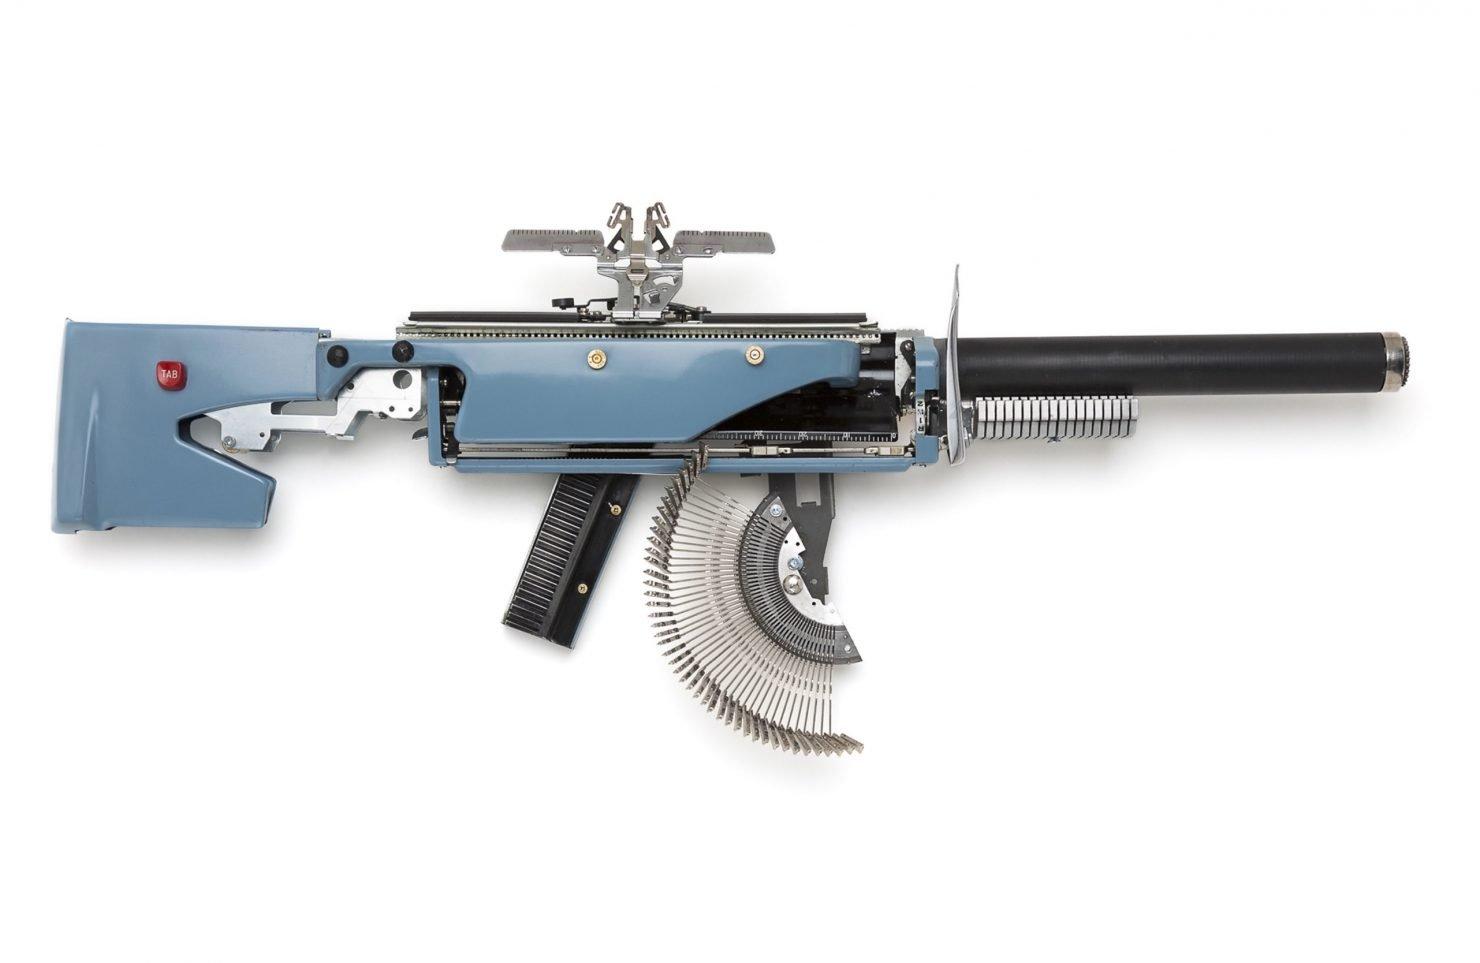 Typewriter Guns 2 1480x963 - Typewriter Guns